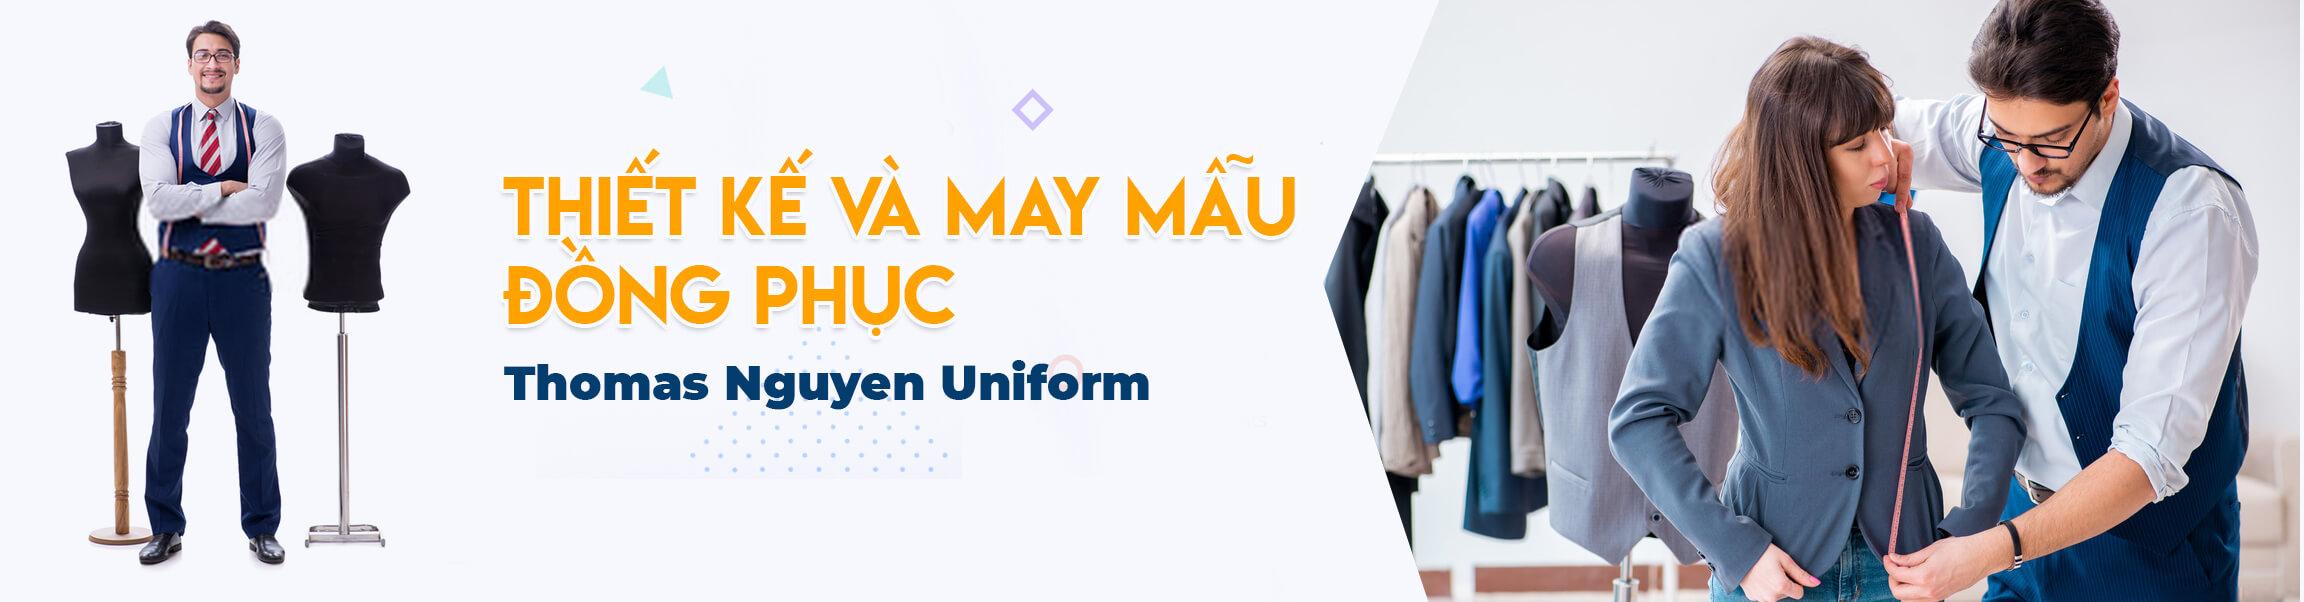 Thiết kế và may mẫu đồng phục Thomas Nguyen Uniform